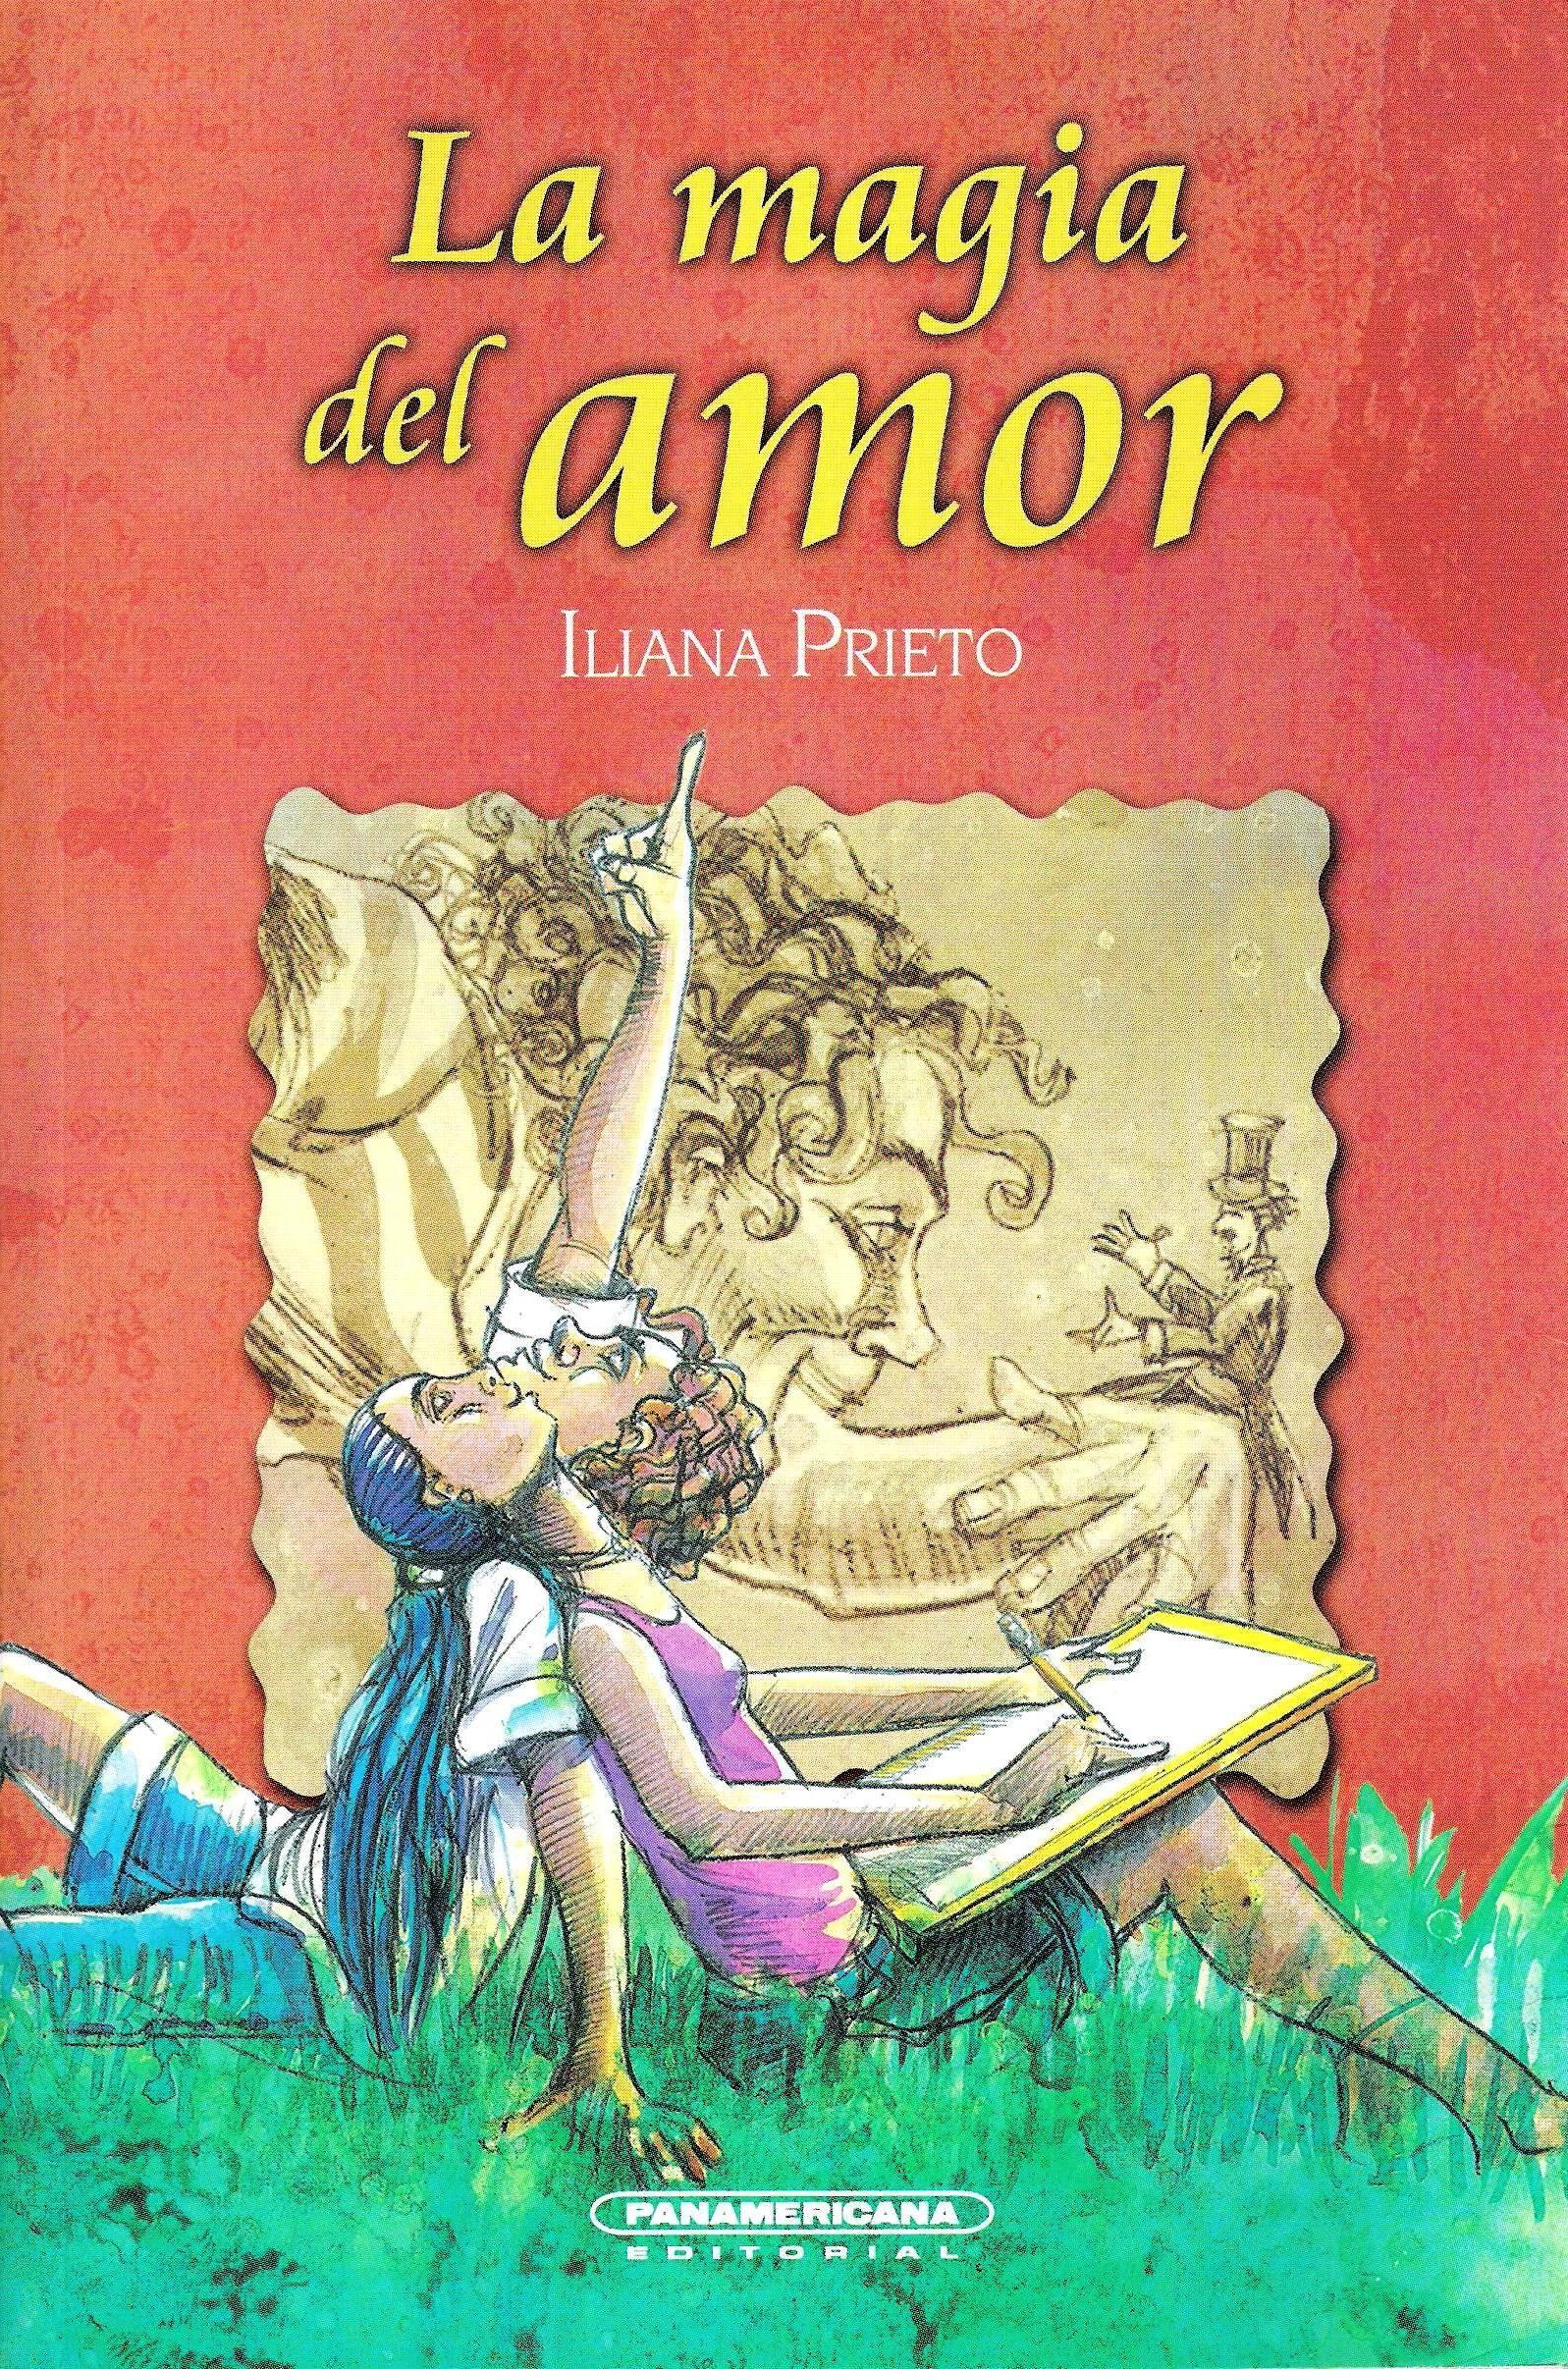 La Aprendiz de Bruja: Una Aventura de Amor y Magia (Cronicas de Magia) (Spanish Edition)